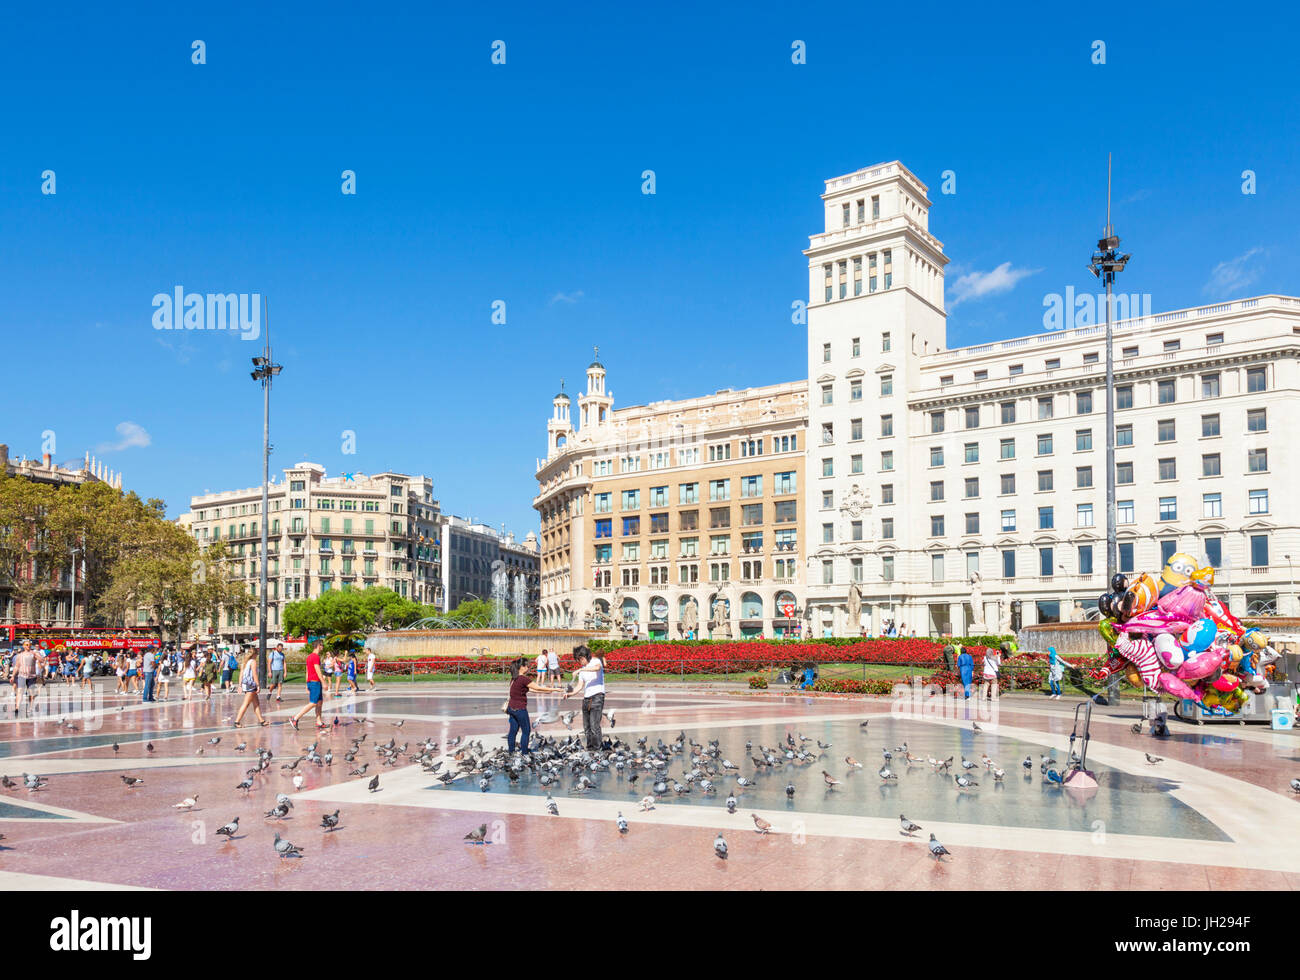 La Plaça de Catalunya, una gran plaza pública en el centro de la ciudad de Barcelona, Cataluña (Catalunya), Imagen De Stock